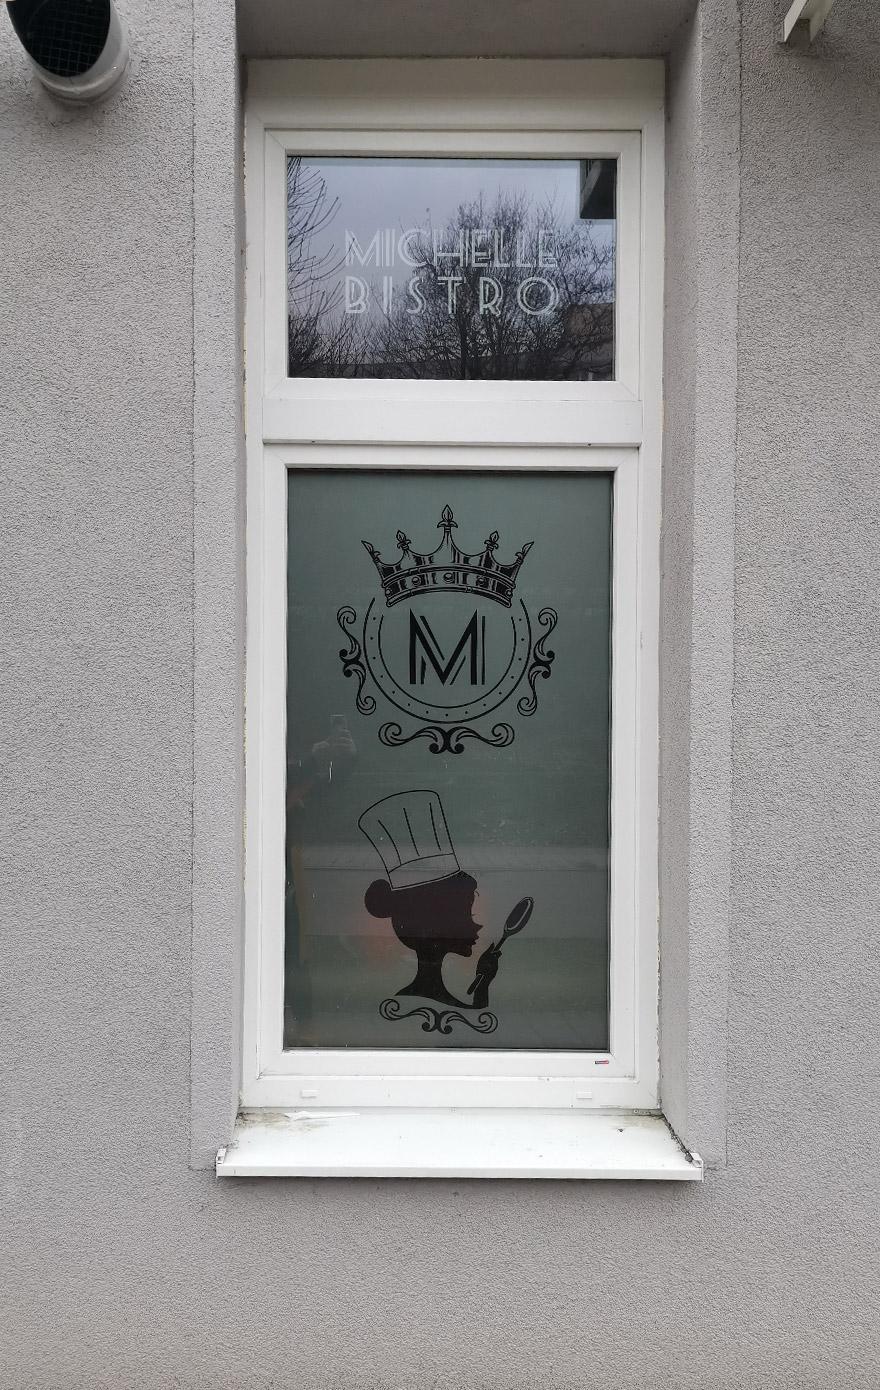 fólia na okná